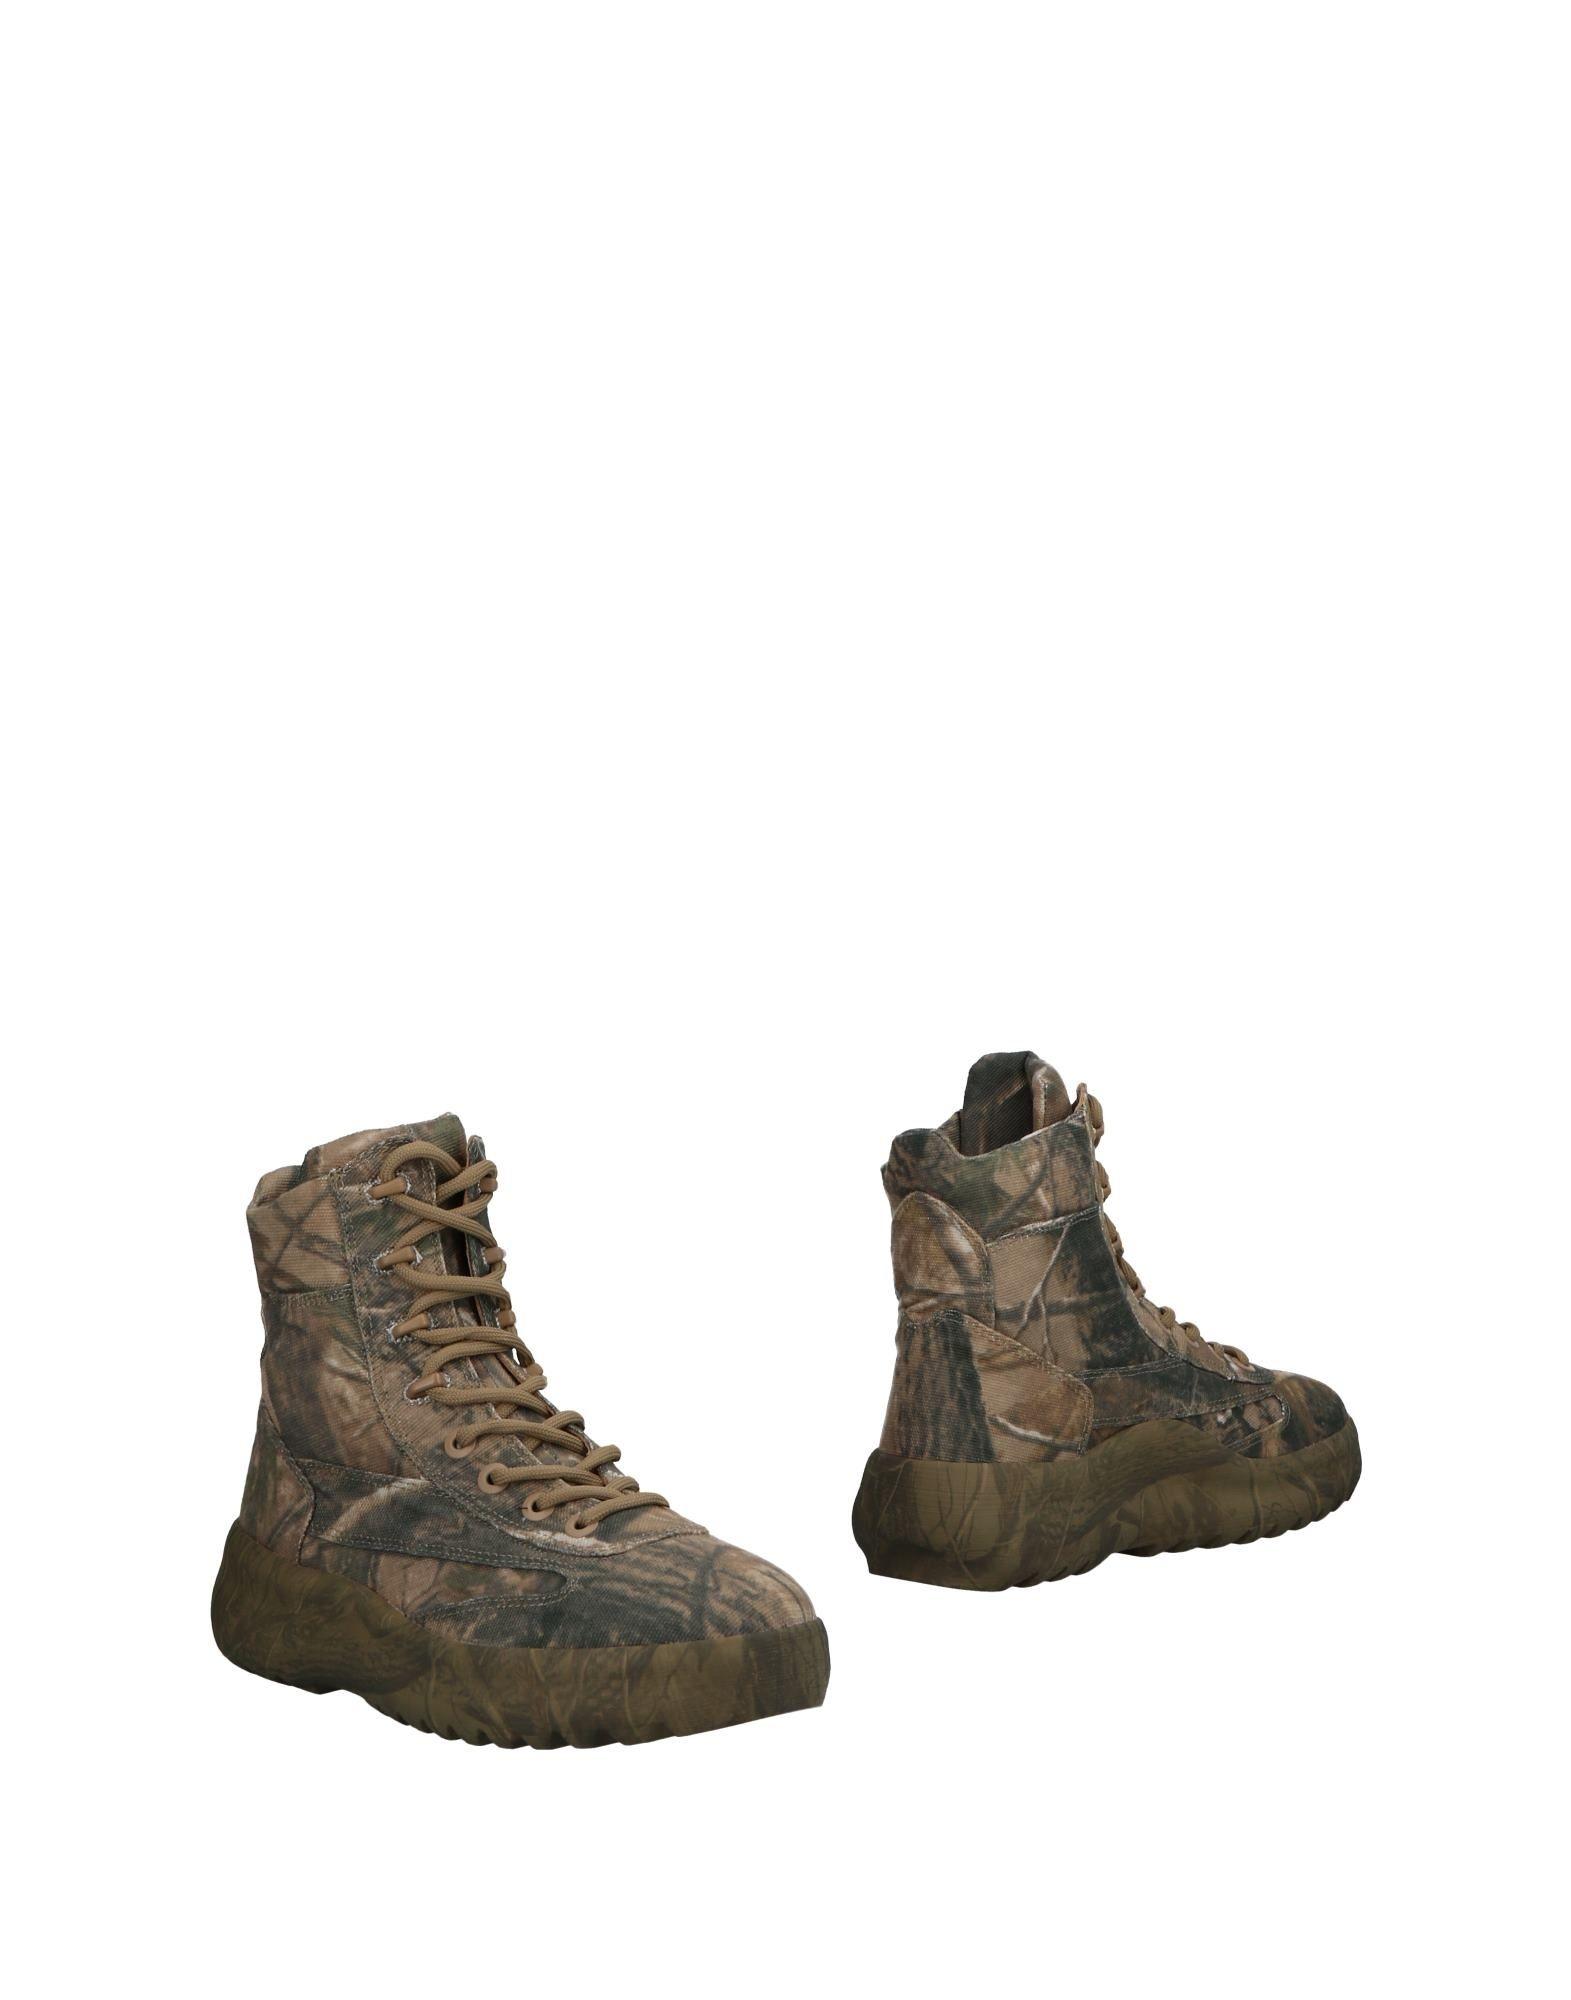 Yeezy Stiefelette Herren  Schuhe 11498358KC Gute Qualität beliebte Schuhe  c8cbf4